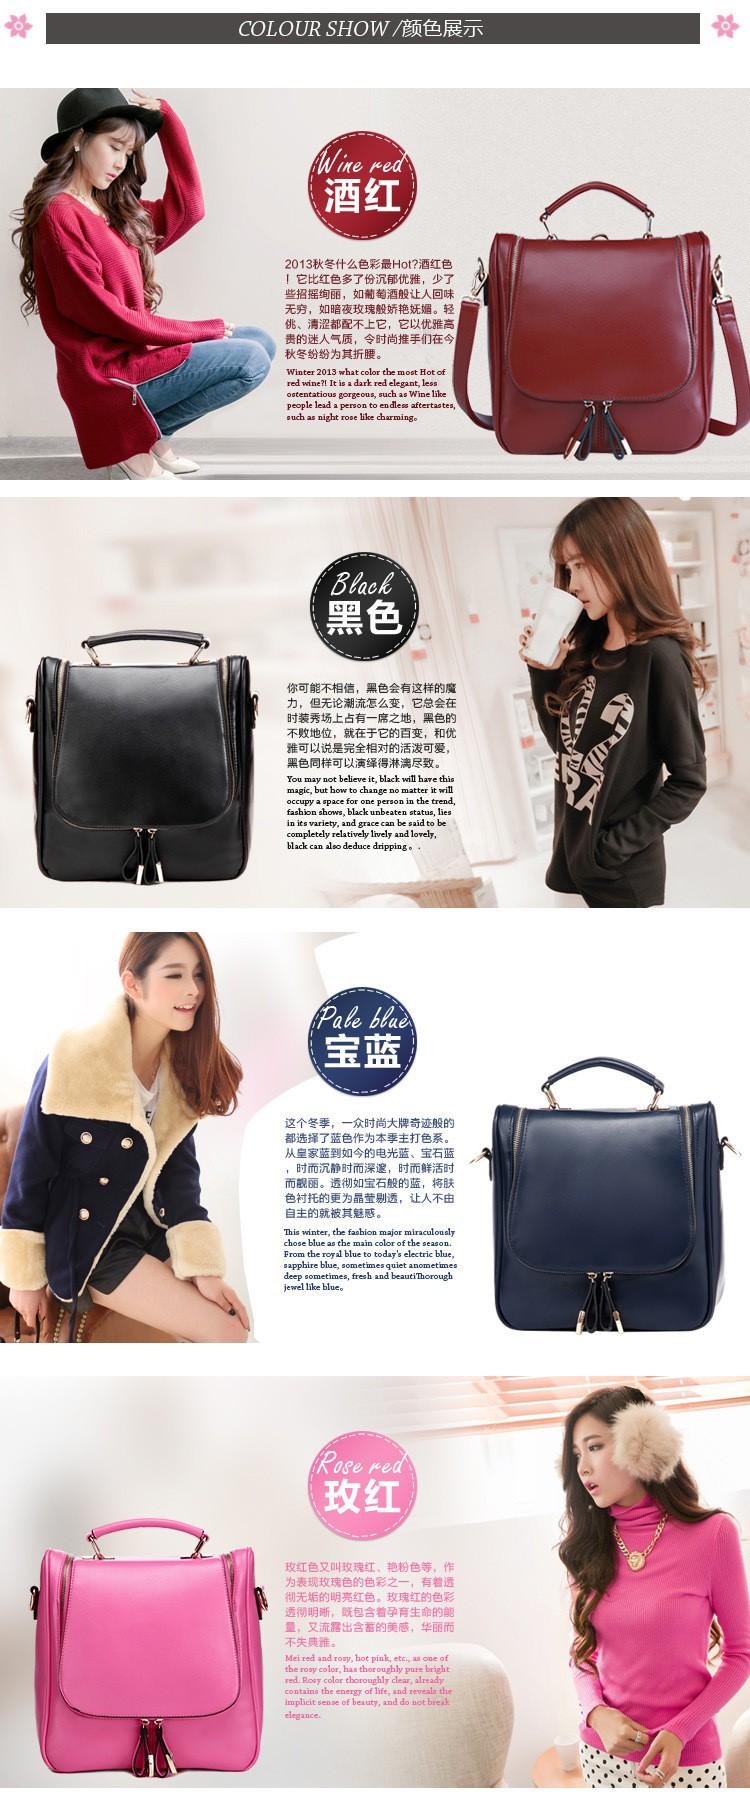 ซื้อ MIWINDผู้หญิงกระเป๋าคุณภาพสูงกระเป๋าผู้หญิงB Olsos Mujerผู้หญิงของMessengerกระเป๋าแฟชั่นแบรนด์กระเป๋าจัดส่งฟรีกระเป๋าหนัง